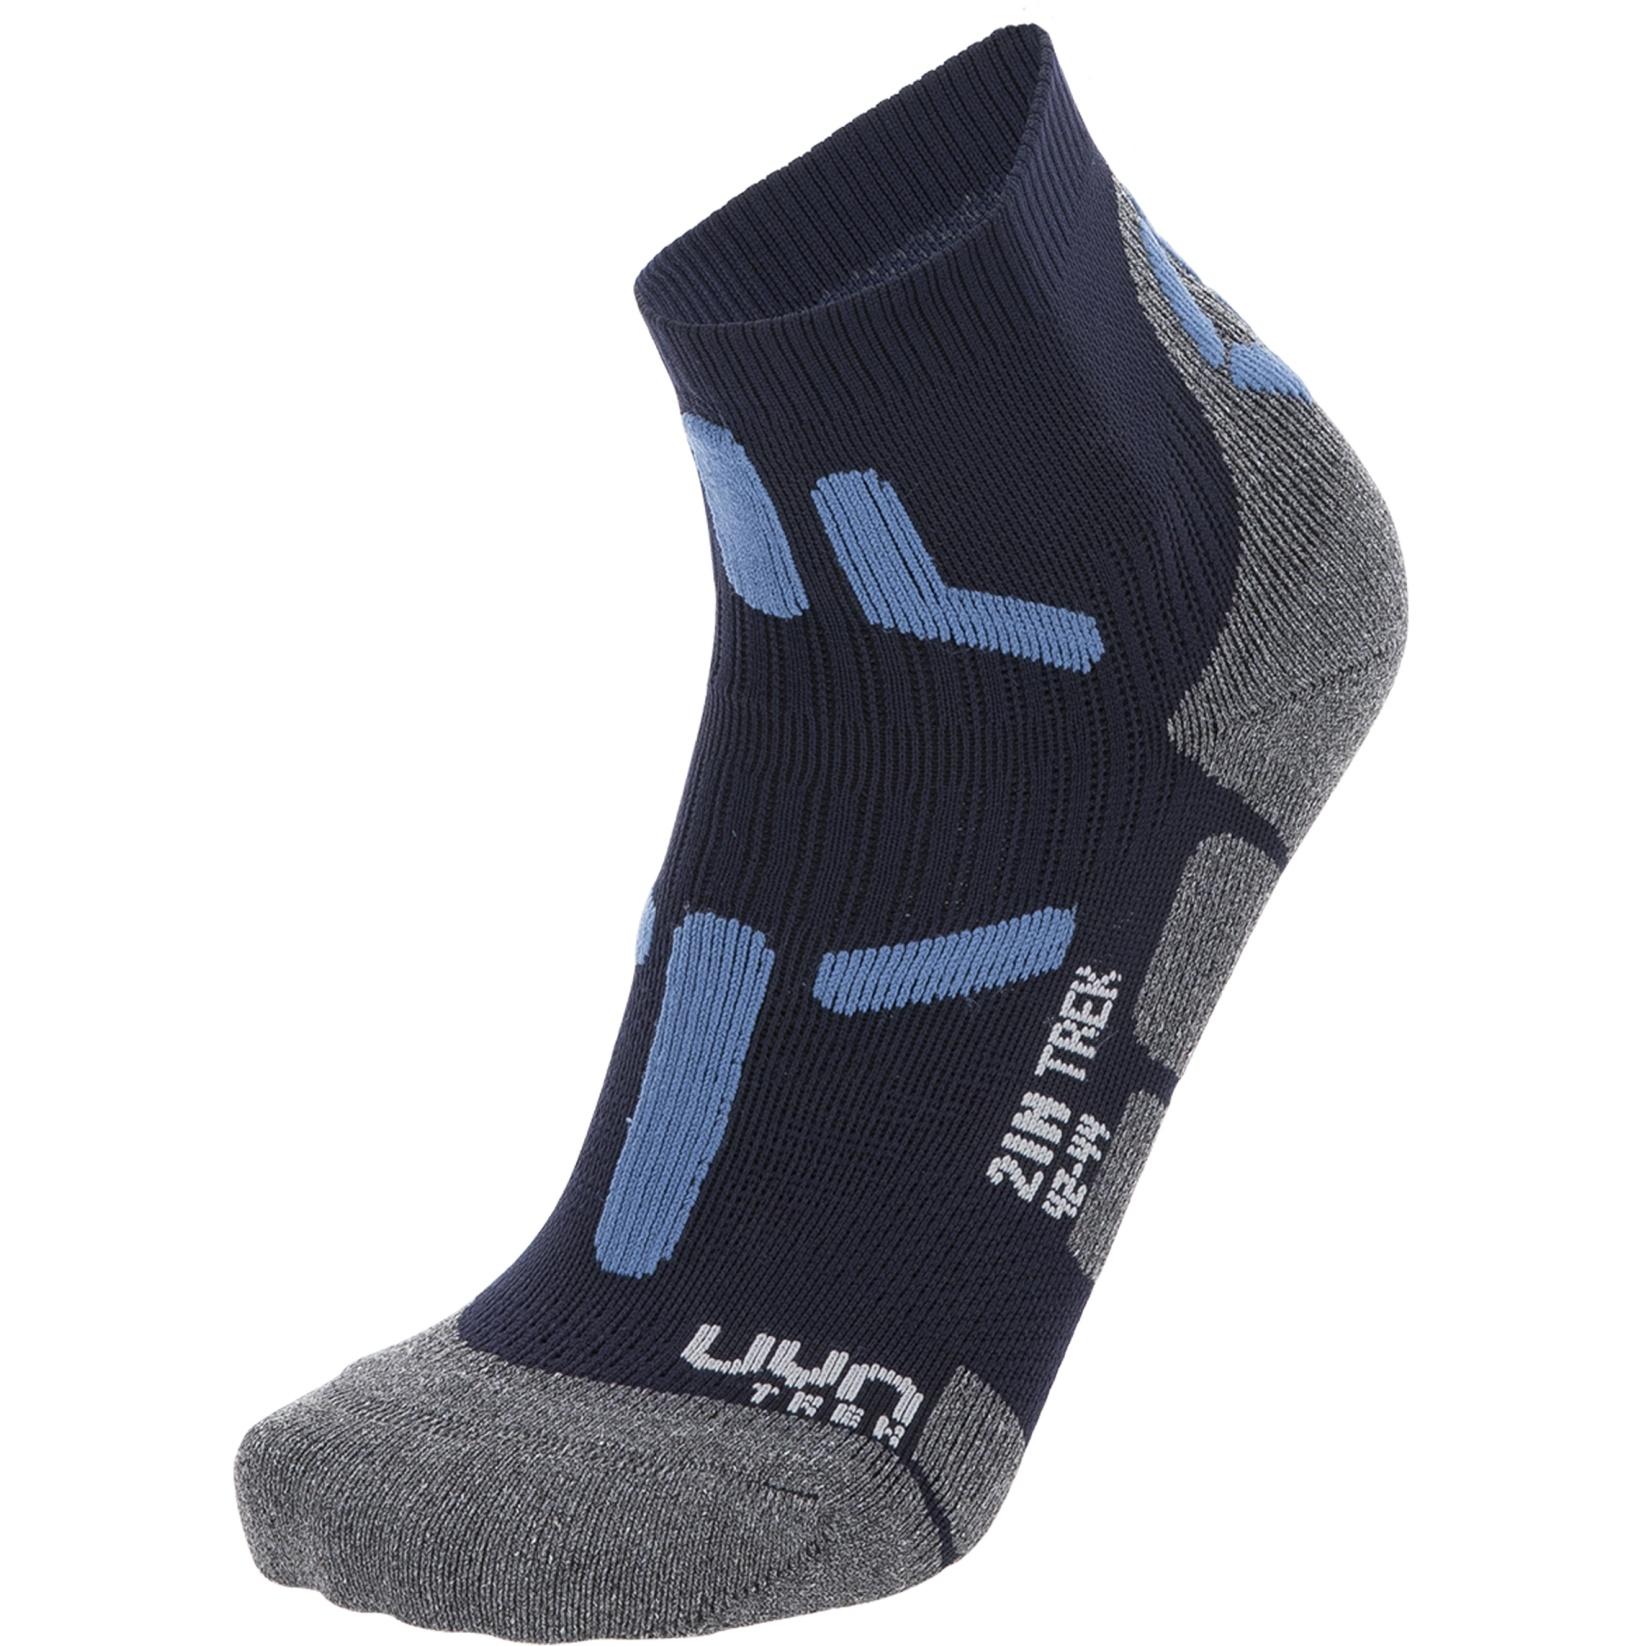 UYN Trekking 2In Low Cut Socken - Blue/Navy